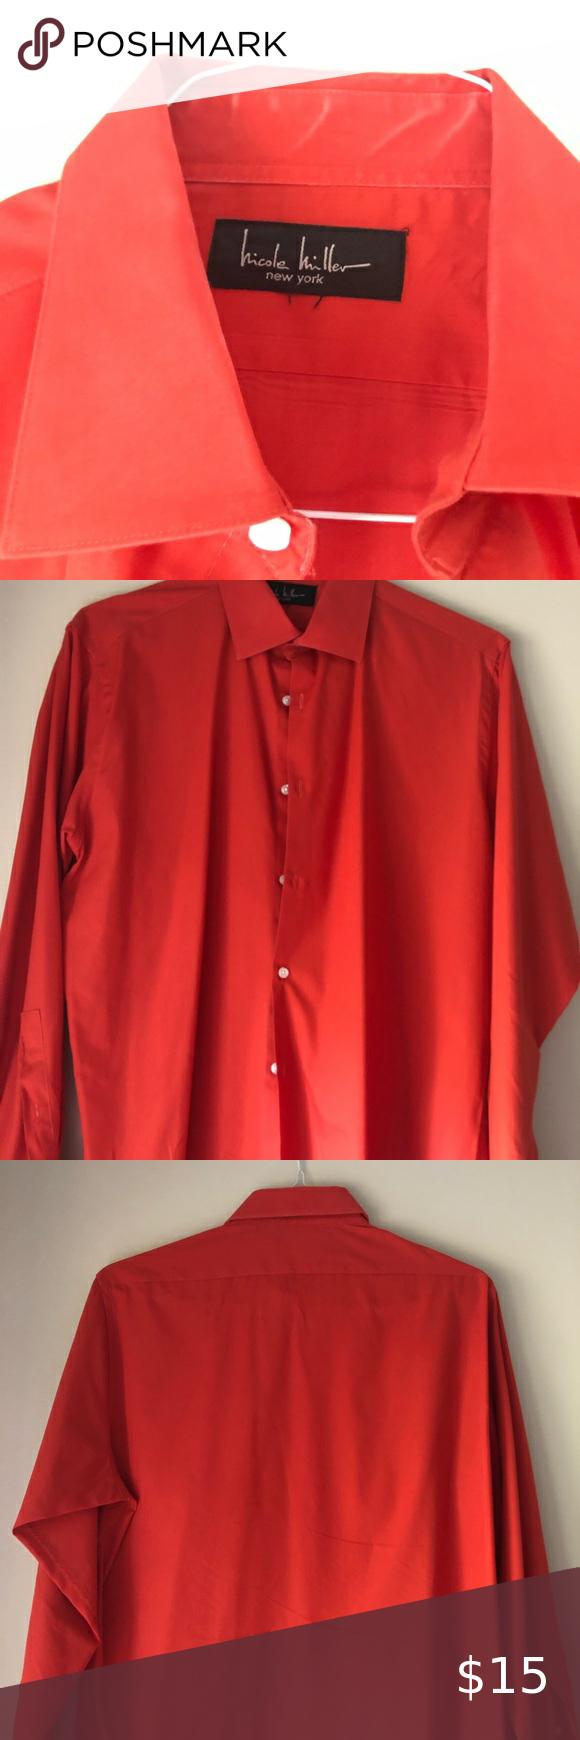 Nicole Miller Men S Dress Shirt Mens Shirt Dress Shirt Dress Shirts [ 1740 x 580 Pixel ]